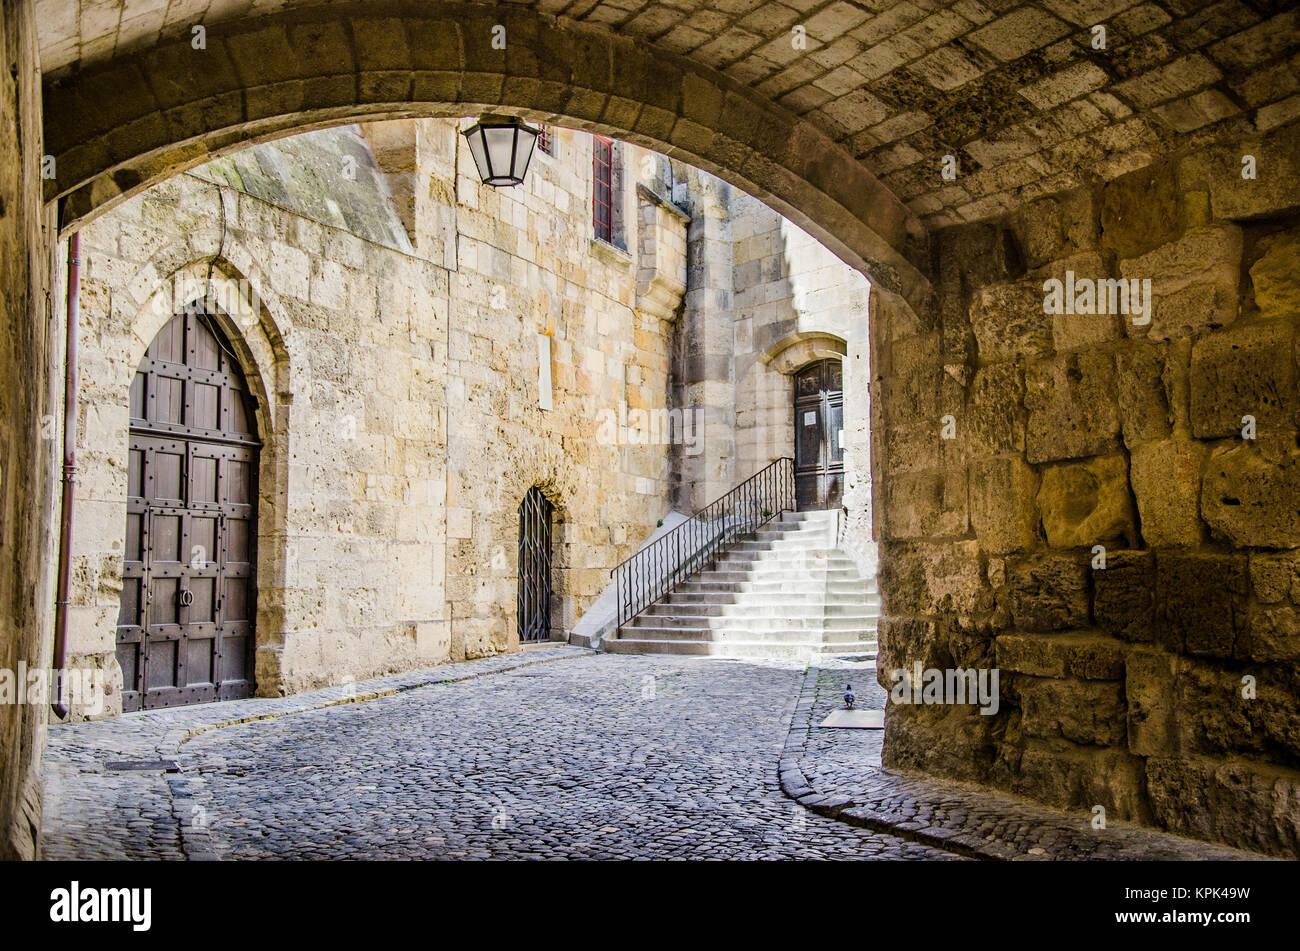 Bild im historischen Zentrum der Altstadt von Narbonne, in der französischen Region Languedoc-Rosellon, können Stockbild